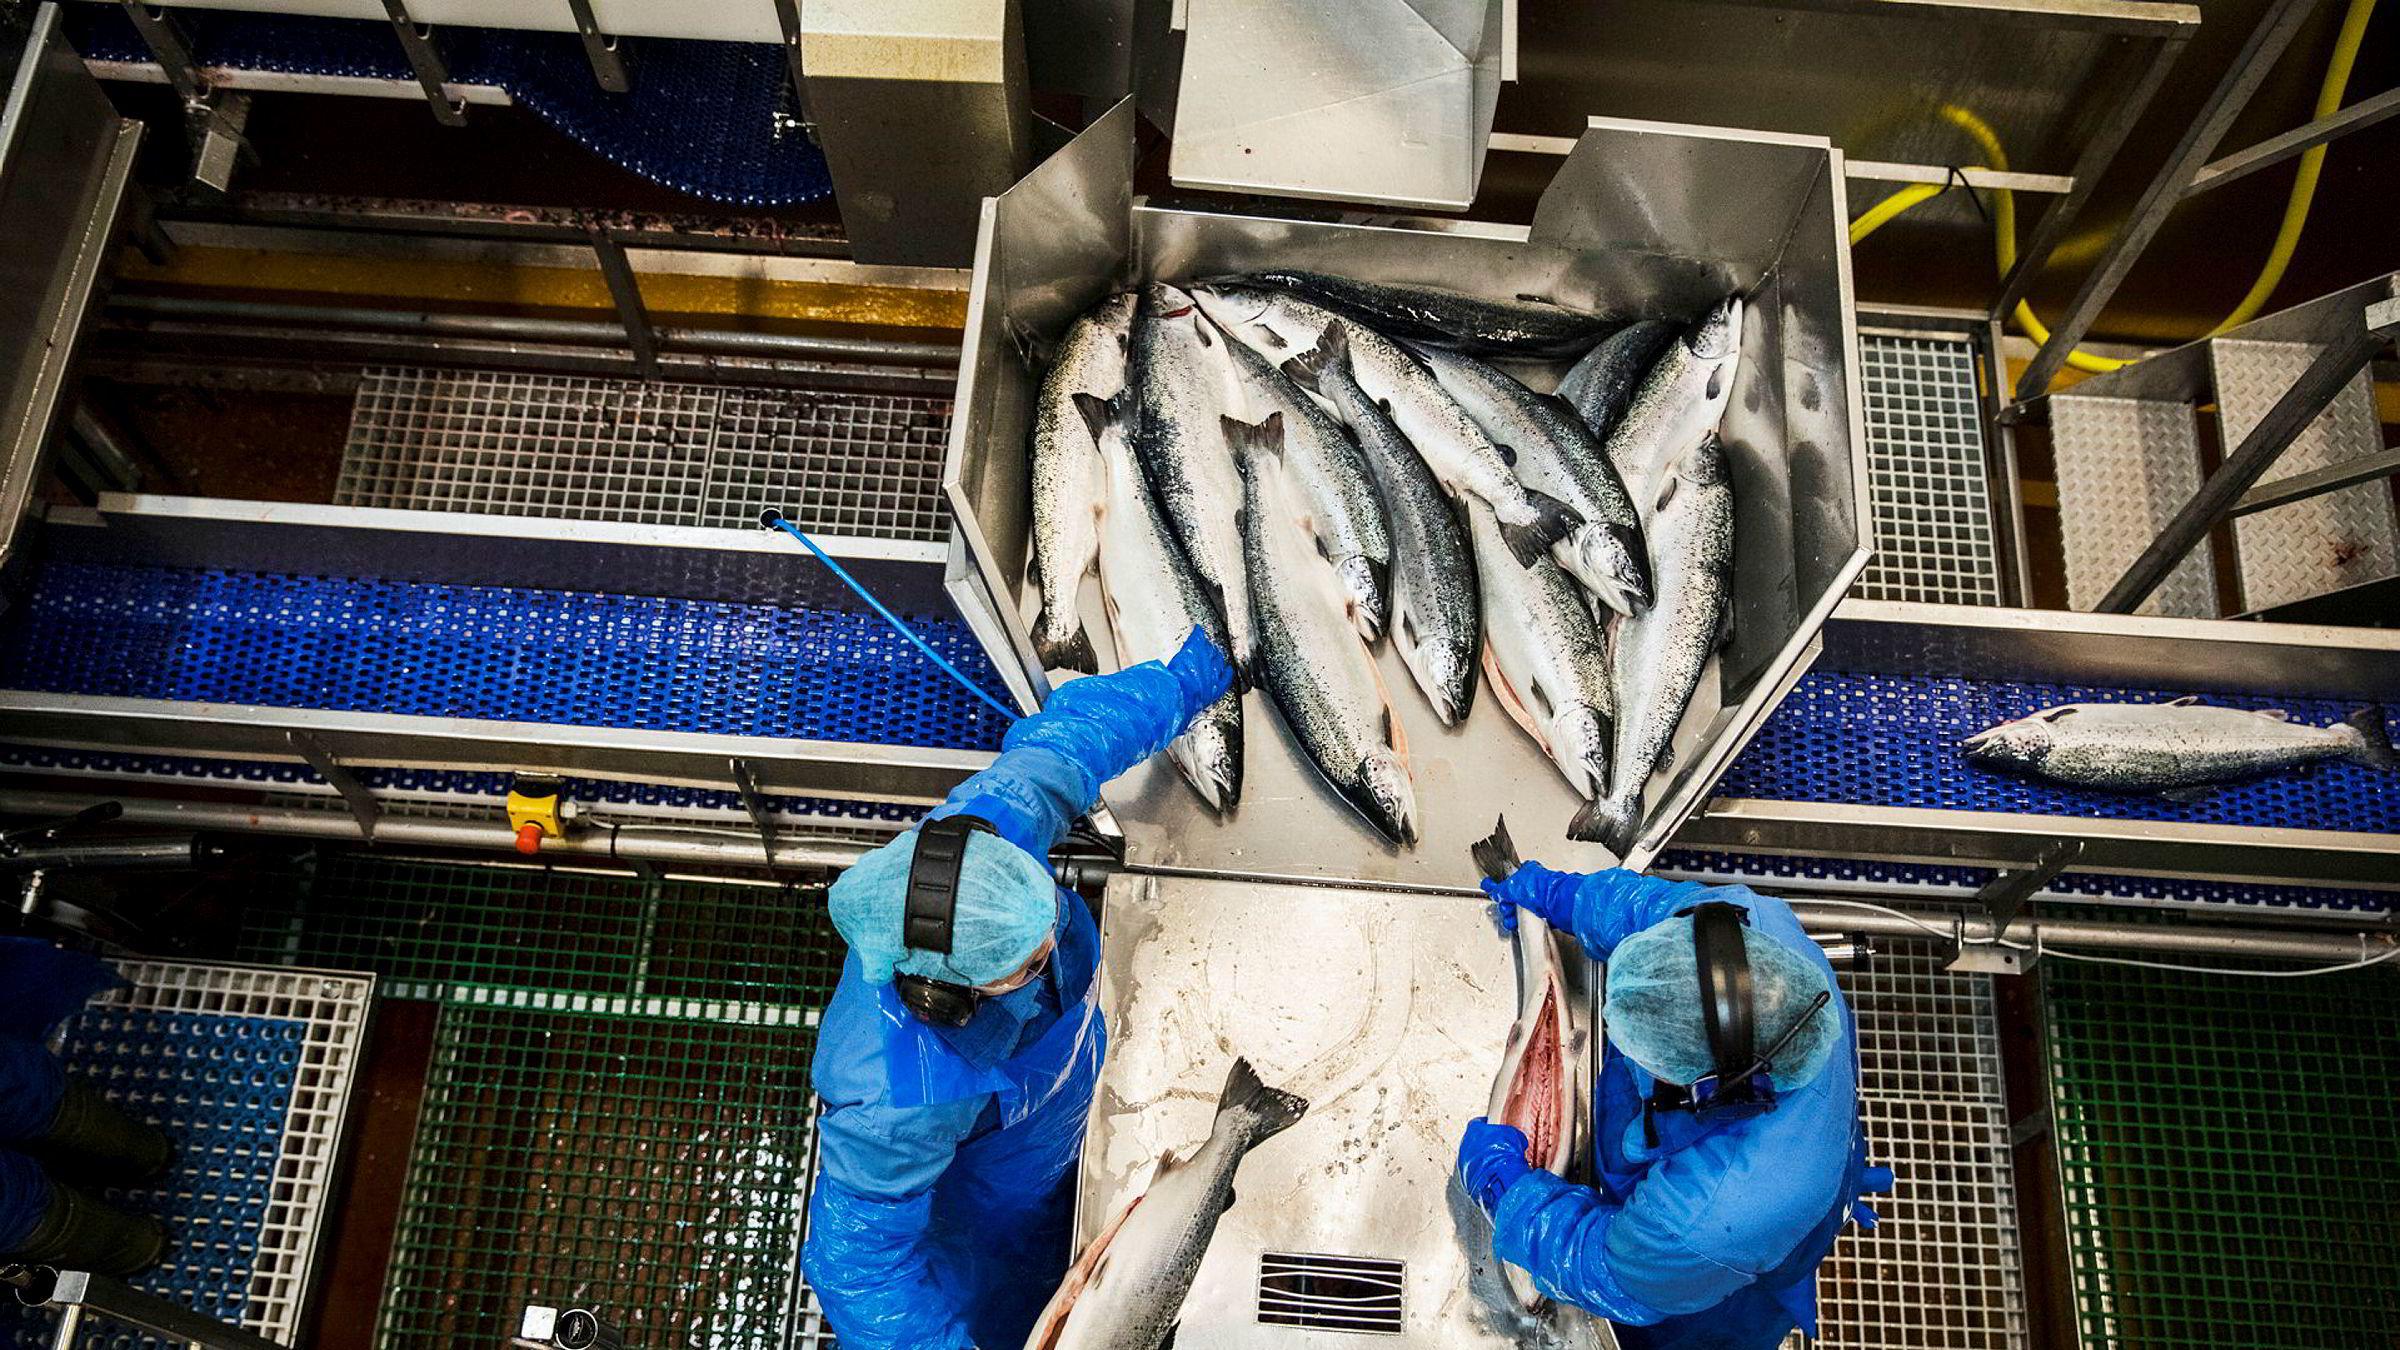 Gransker fiskeindustrien for menneskehandel. Illustrasjonsfoto har ikke tilknytning til innholdet i saken.